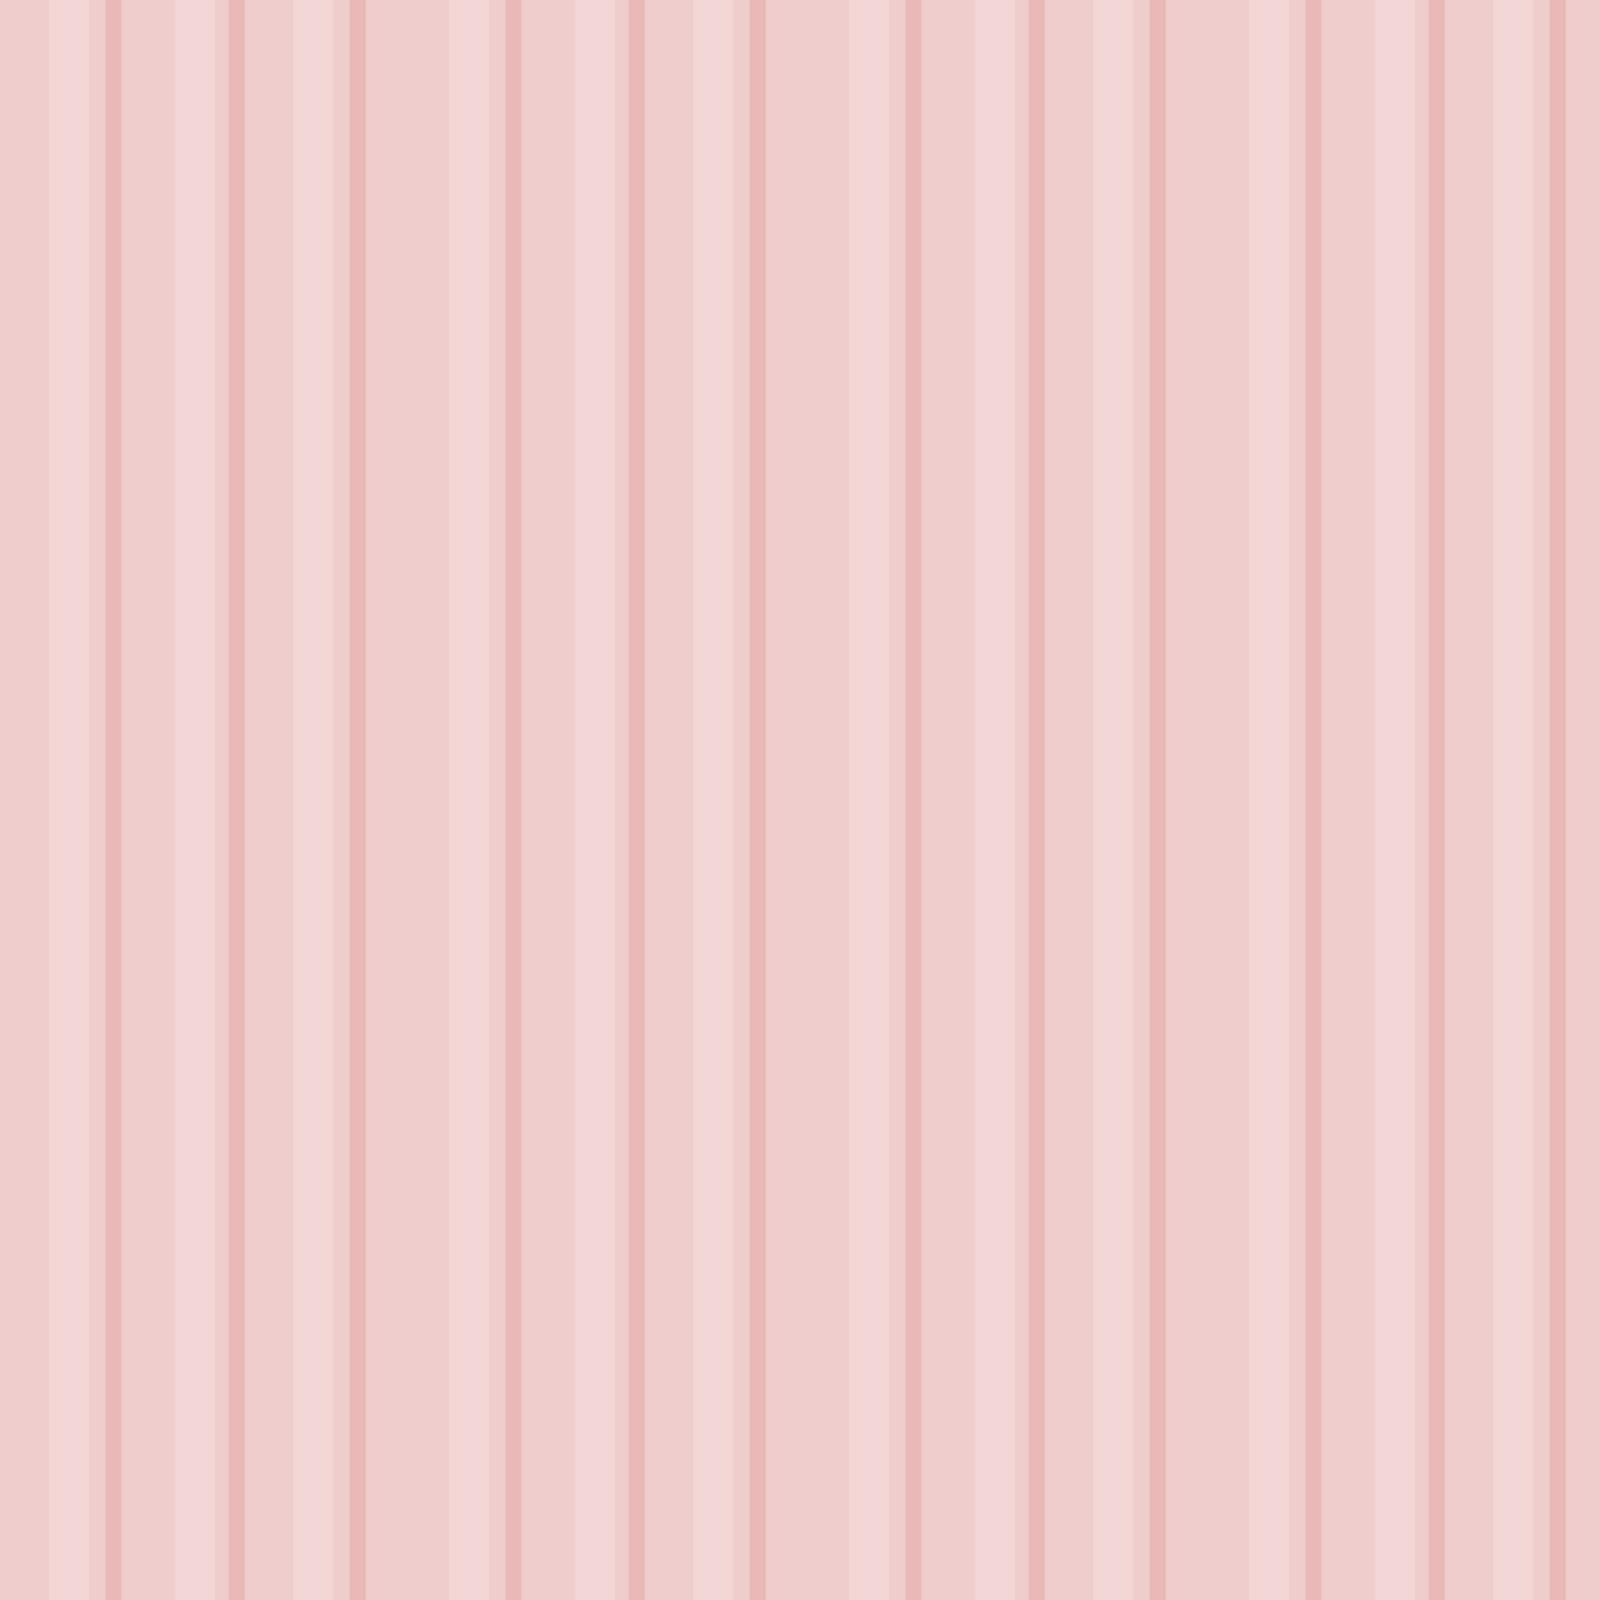 Fondo lila bebé - Imagui